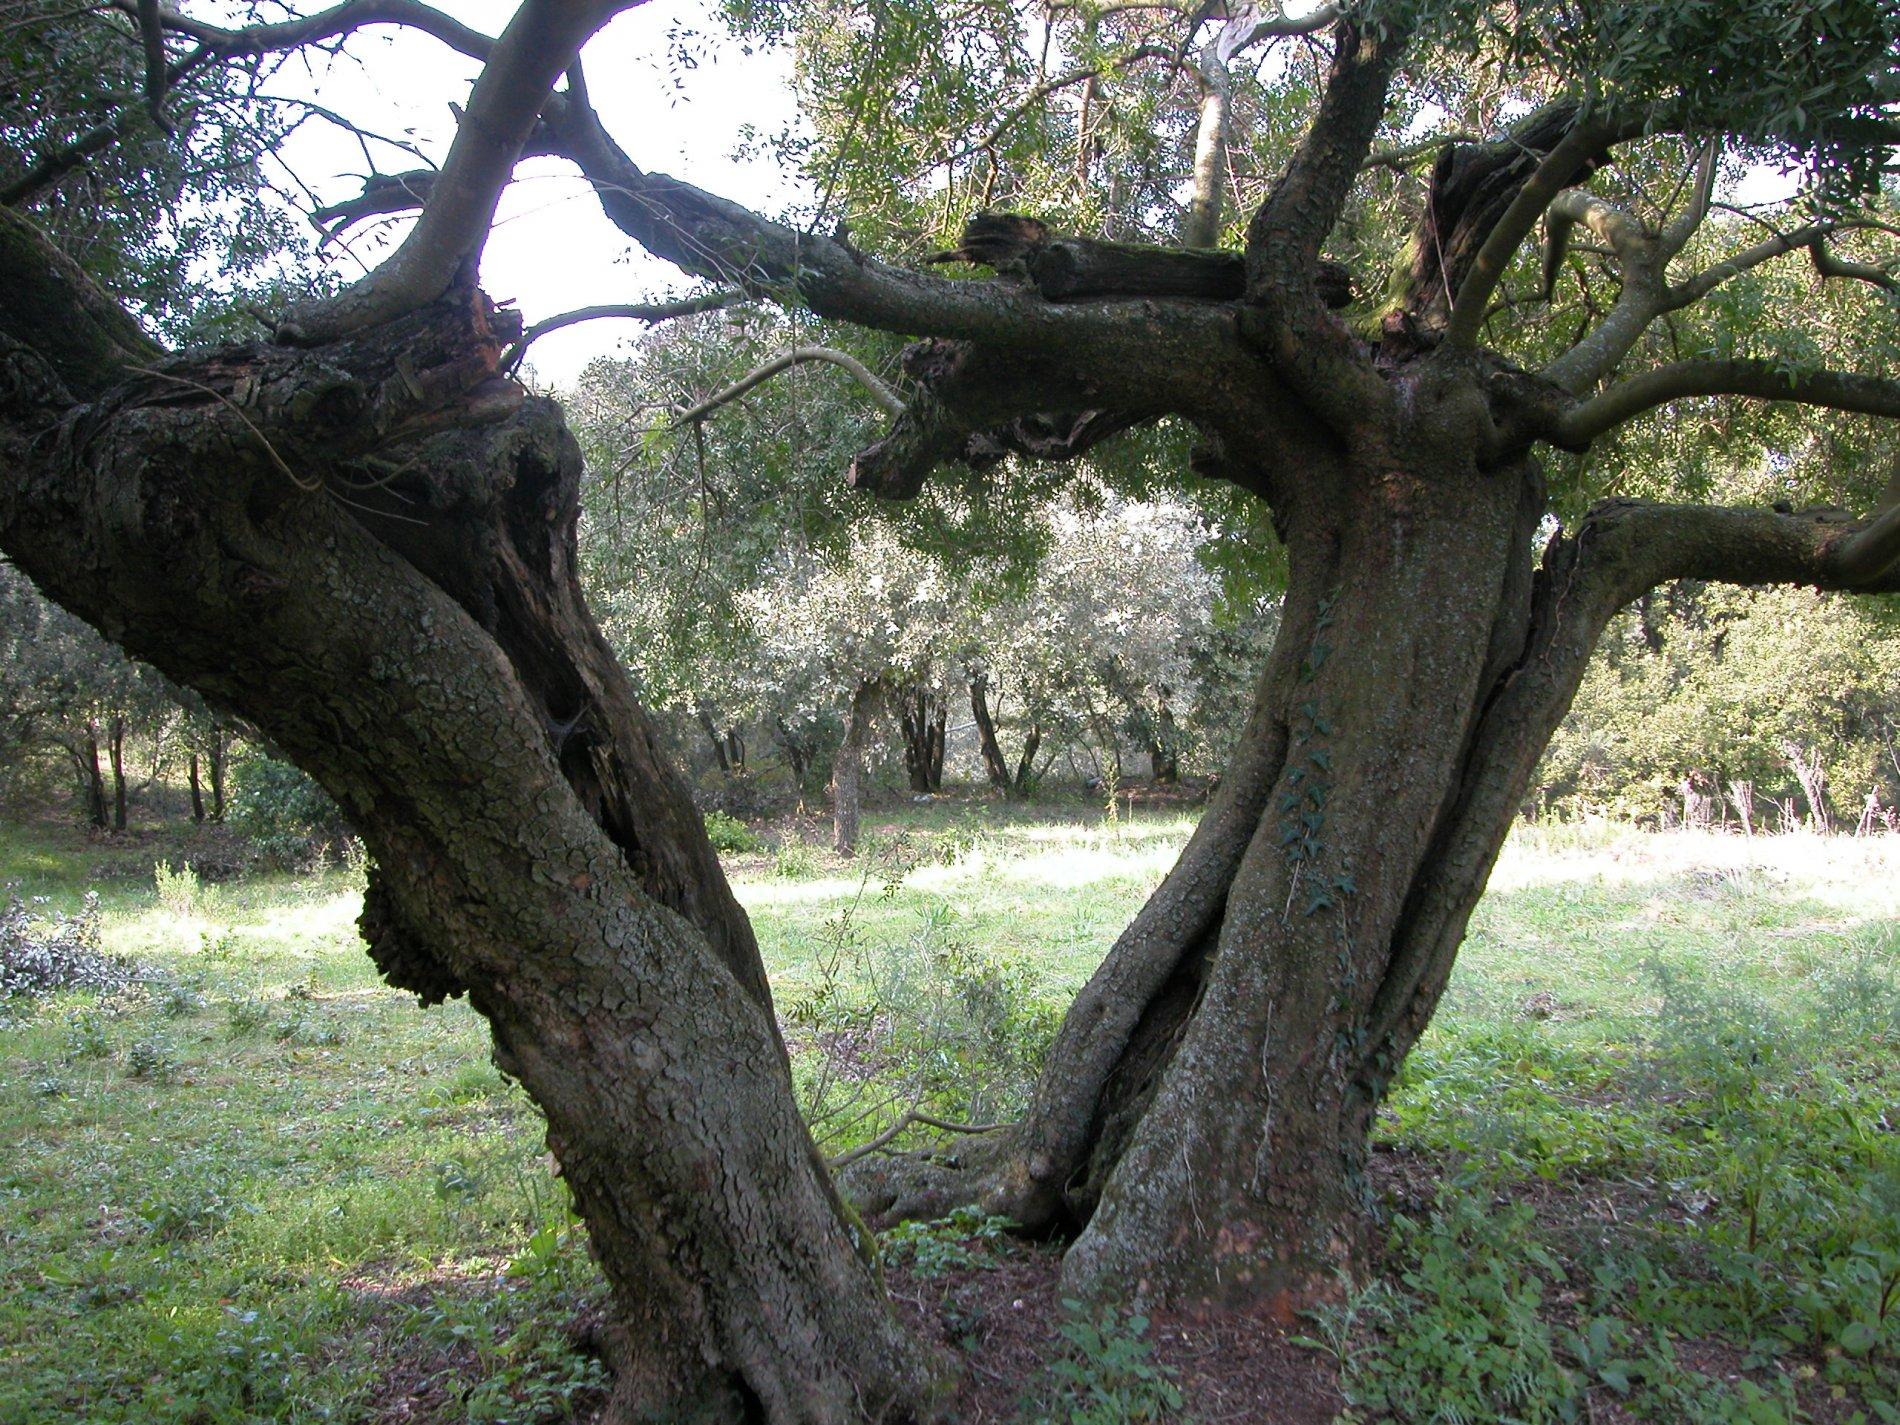 Exemple d'un llentiscle que en comptes de mostrar un port d'arbust com li és natural, té forma d'arbre. Des de la soca es bifurca amb dues branques gruixudes en forma de V. Amb aquest exemplar costa de fer-se a la idea que es tracta d'un arbust propi del sotabosc mediterrani.